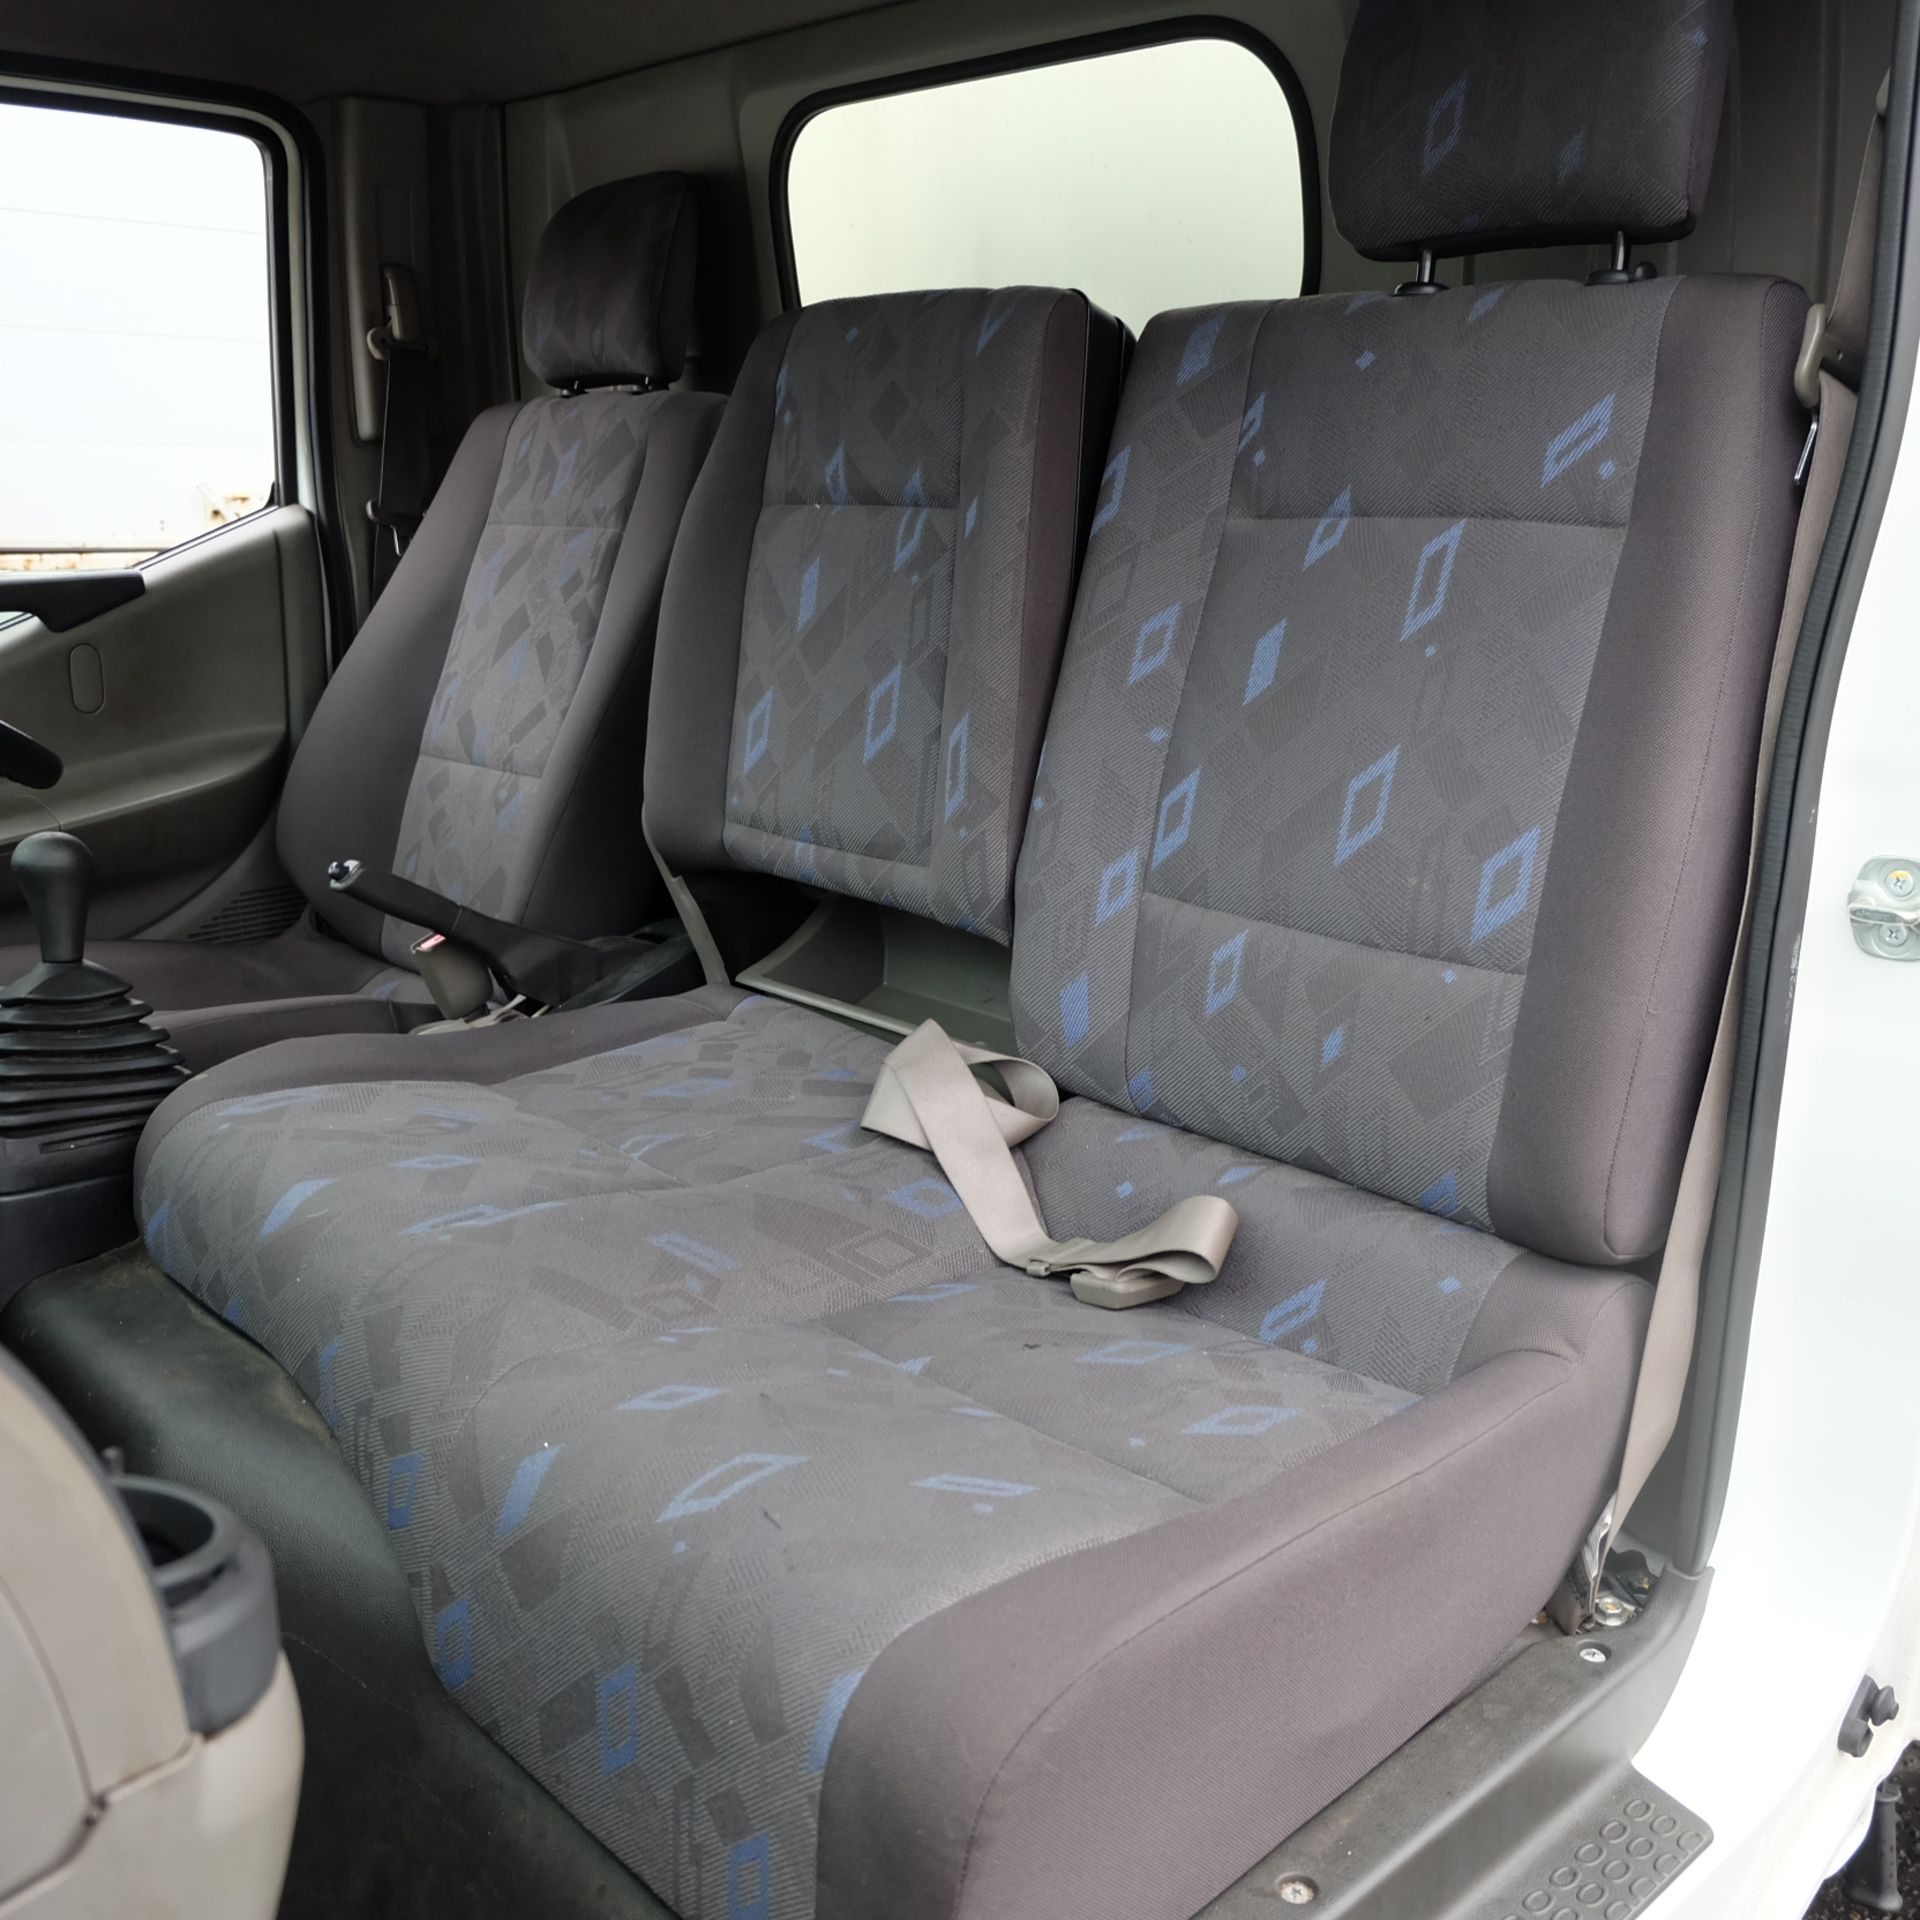 NISSAN CABSTAR 35.14 Rigid Bodied Curtain Truck. 3500KG Gross Weight. Sat Nav, Reversing Camera. - Image 12 of 14